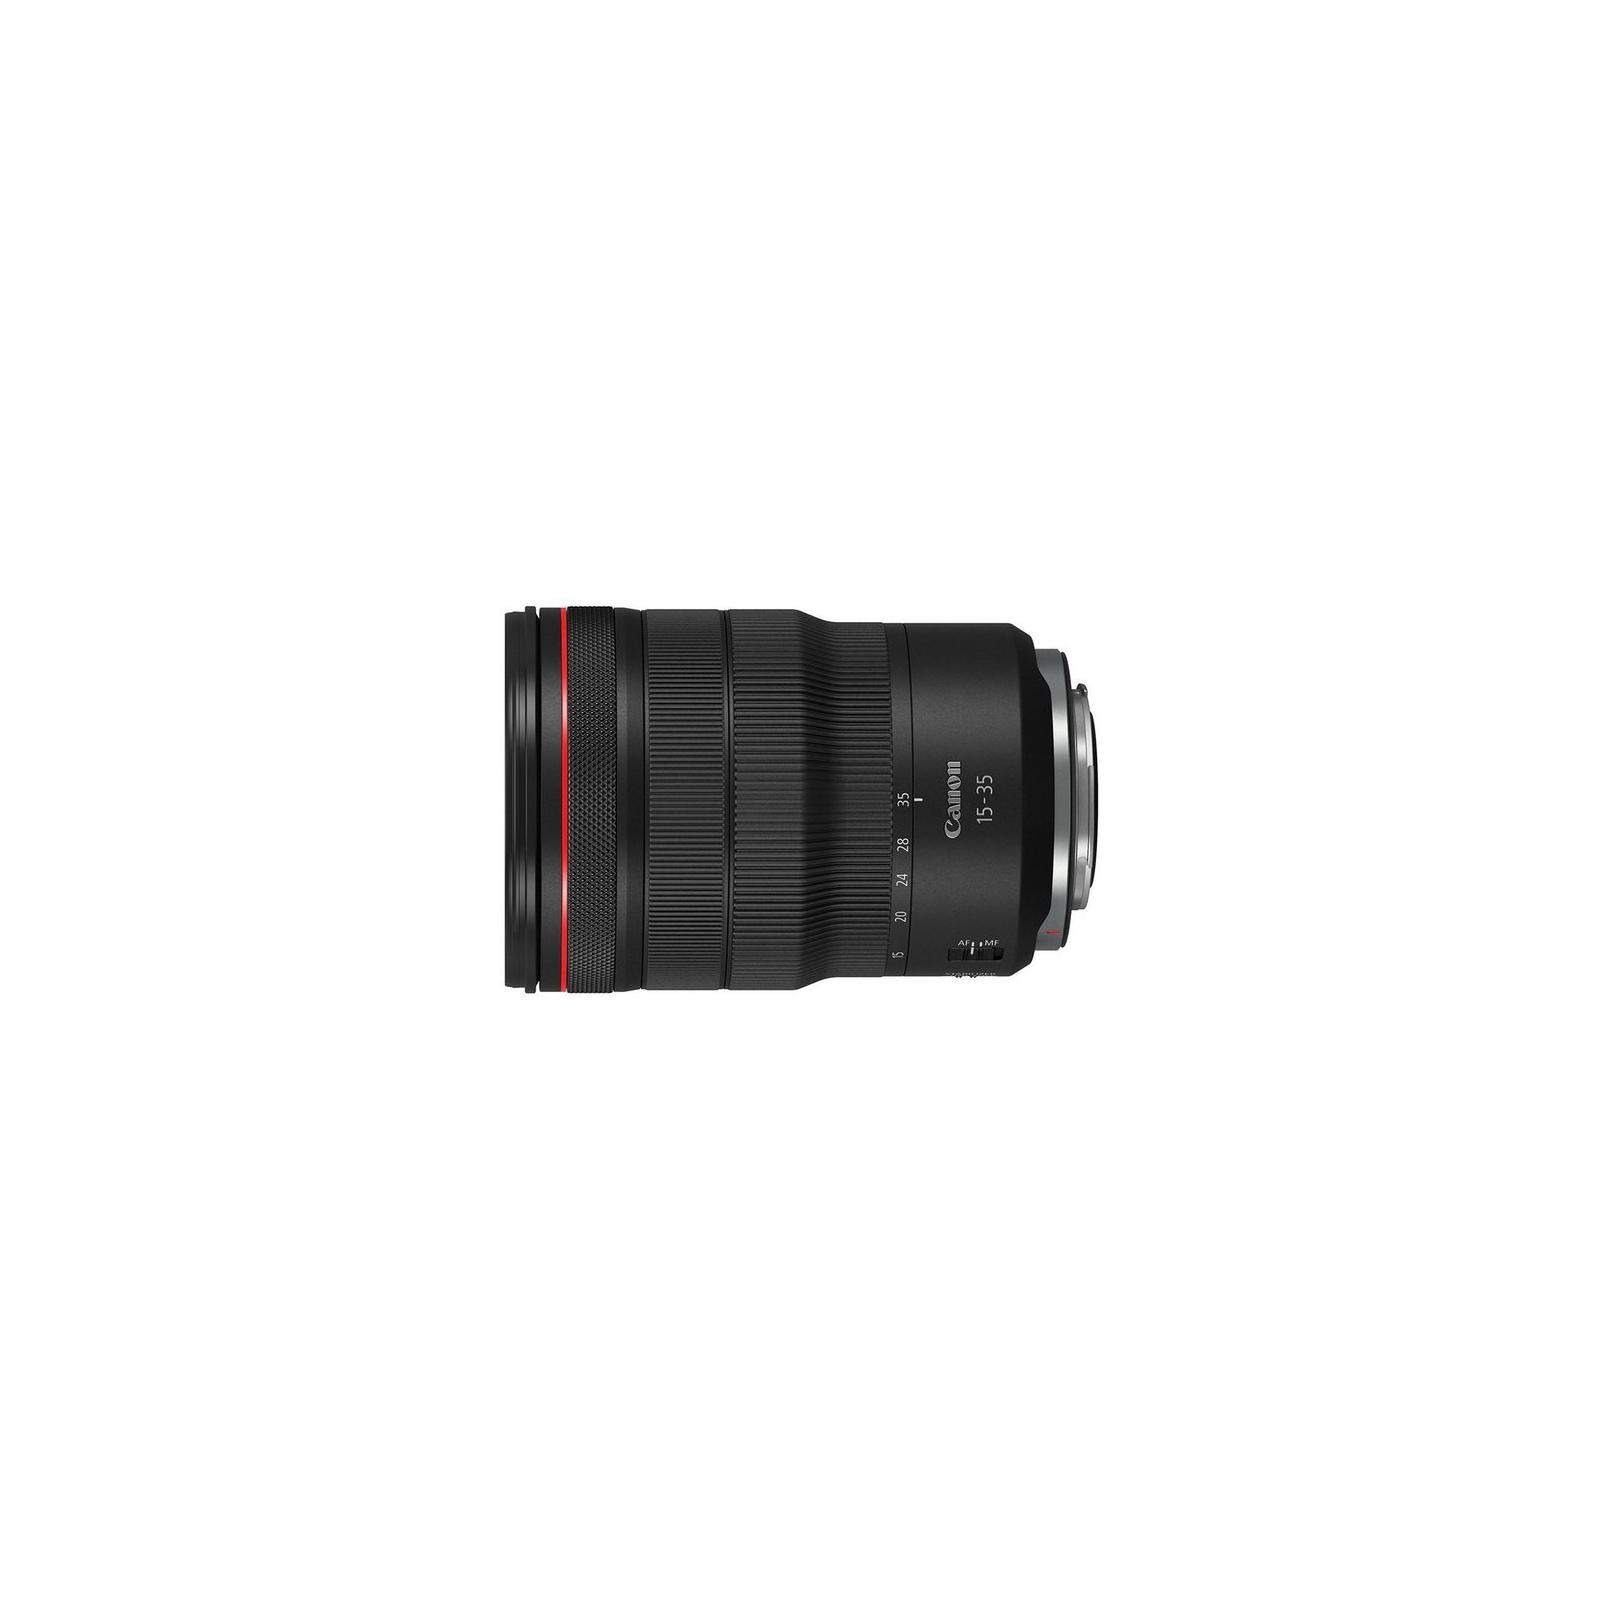 Объектив Canon RF 15-35mm f/2.8 L IS USM (3682C005) изображение 5